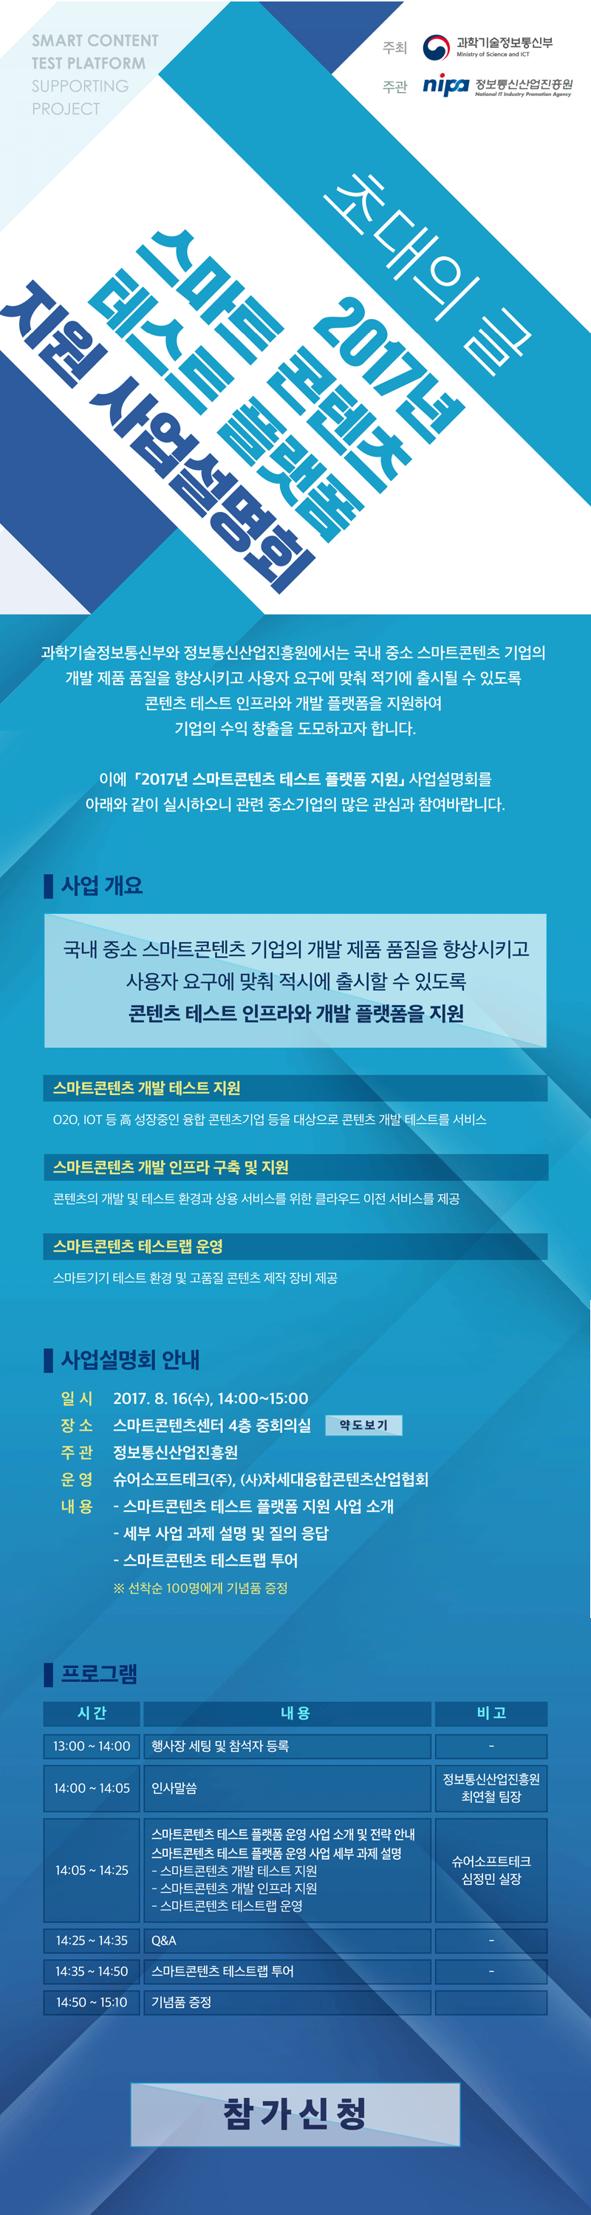 스마트콘텐츠 테스트 플랫폼 지원 사업 설명회.png